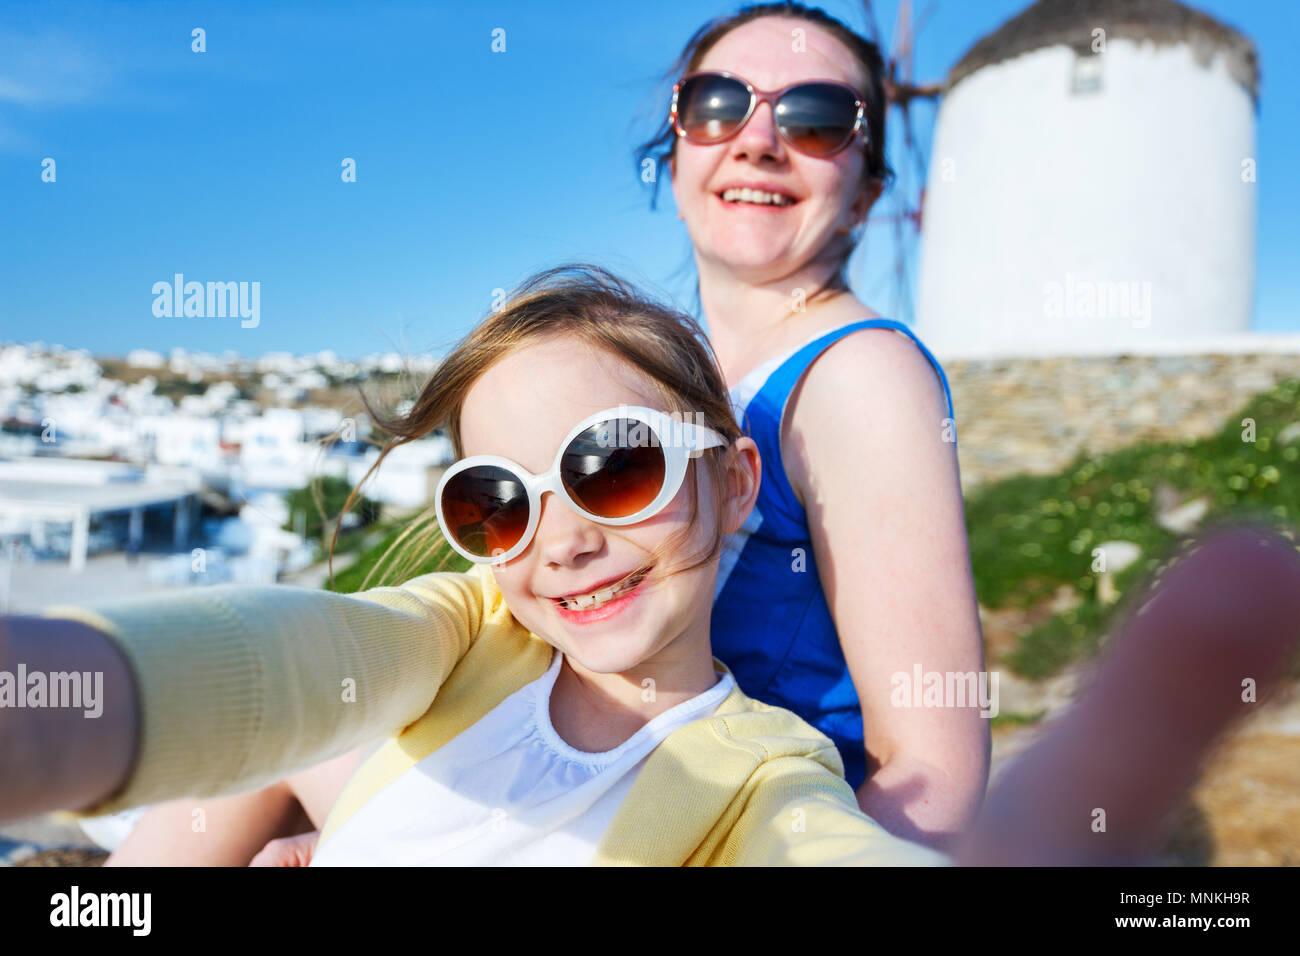 Glückliche Familie Mutter und ihre süßen kleinen Tochter auf den Urlaub nimmt selfie auf Klein Venedig Bereich auf der Insel Mykonos, Griechenland Stockbild